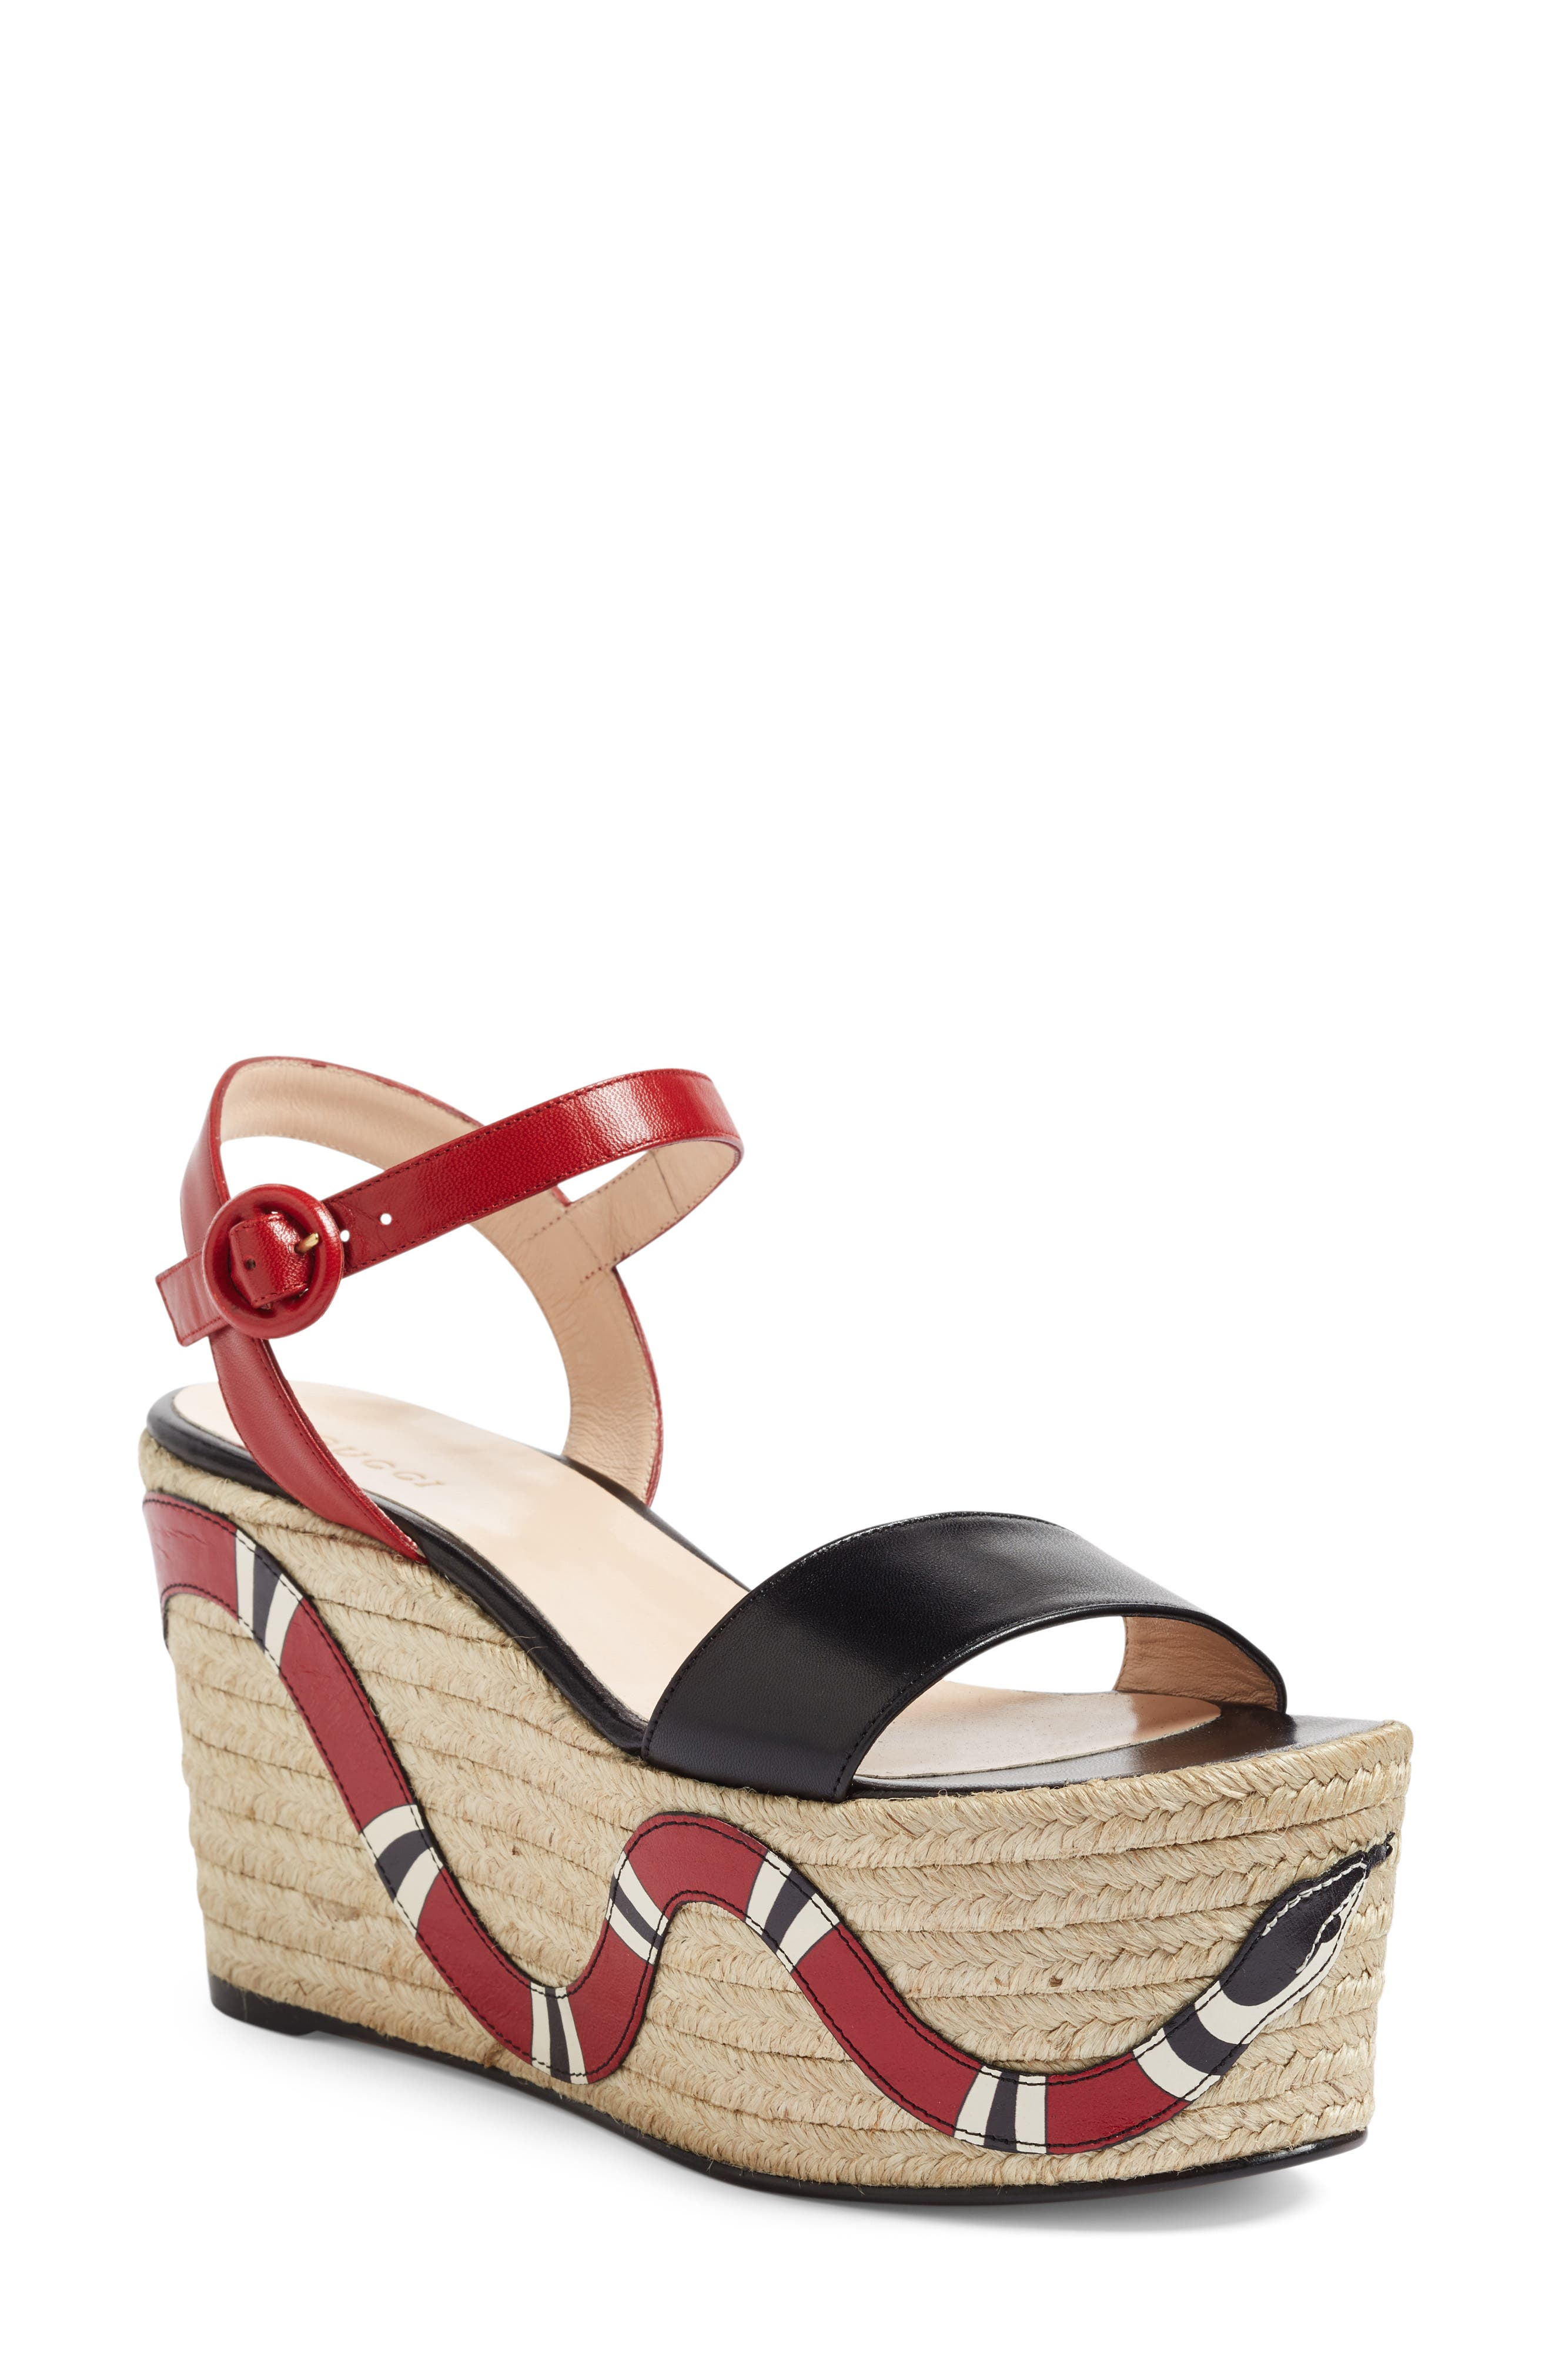 Barbette Espadrille Wedge Sandal,                         Main,                         color,